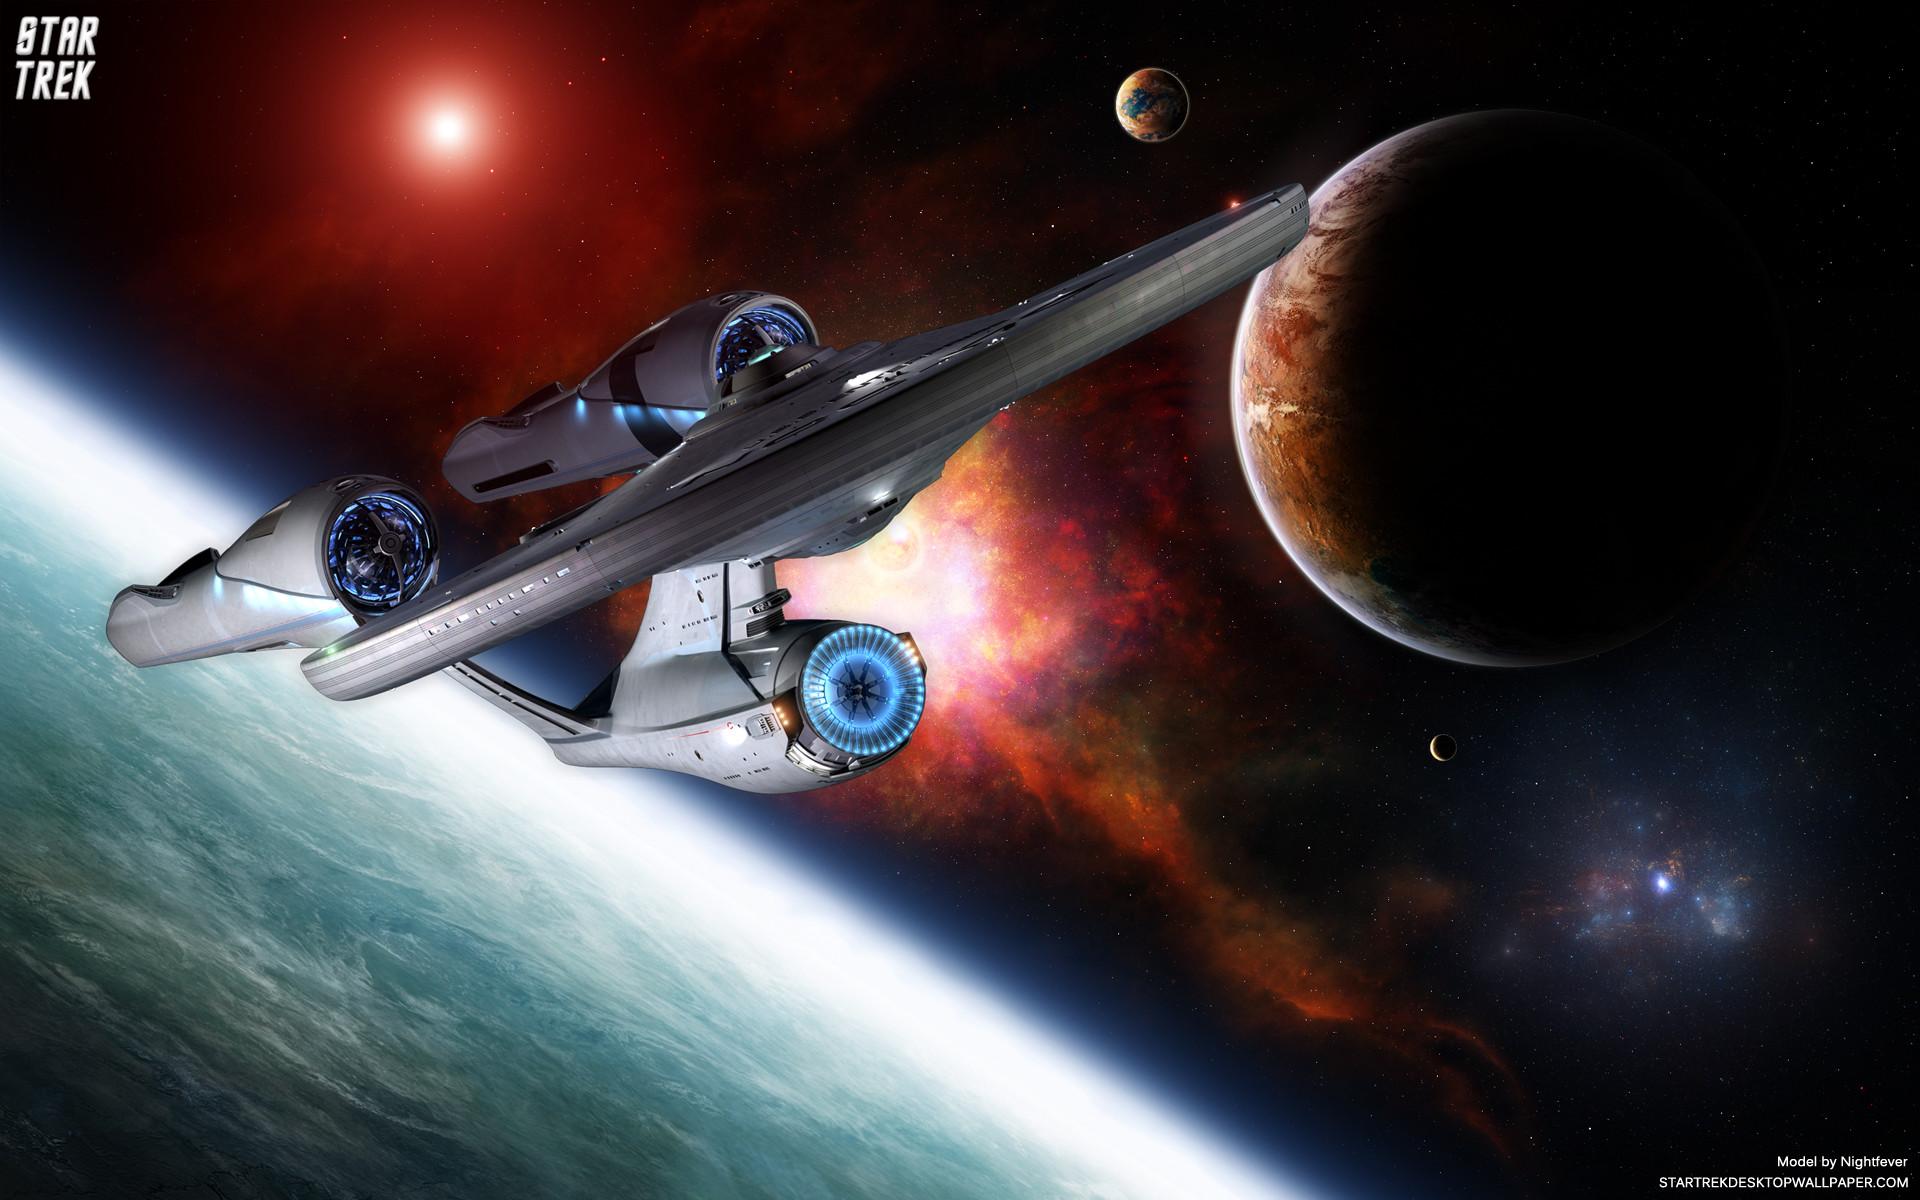 Star Trek Uss Enterprise wallpaper – 420108